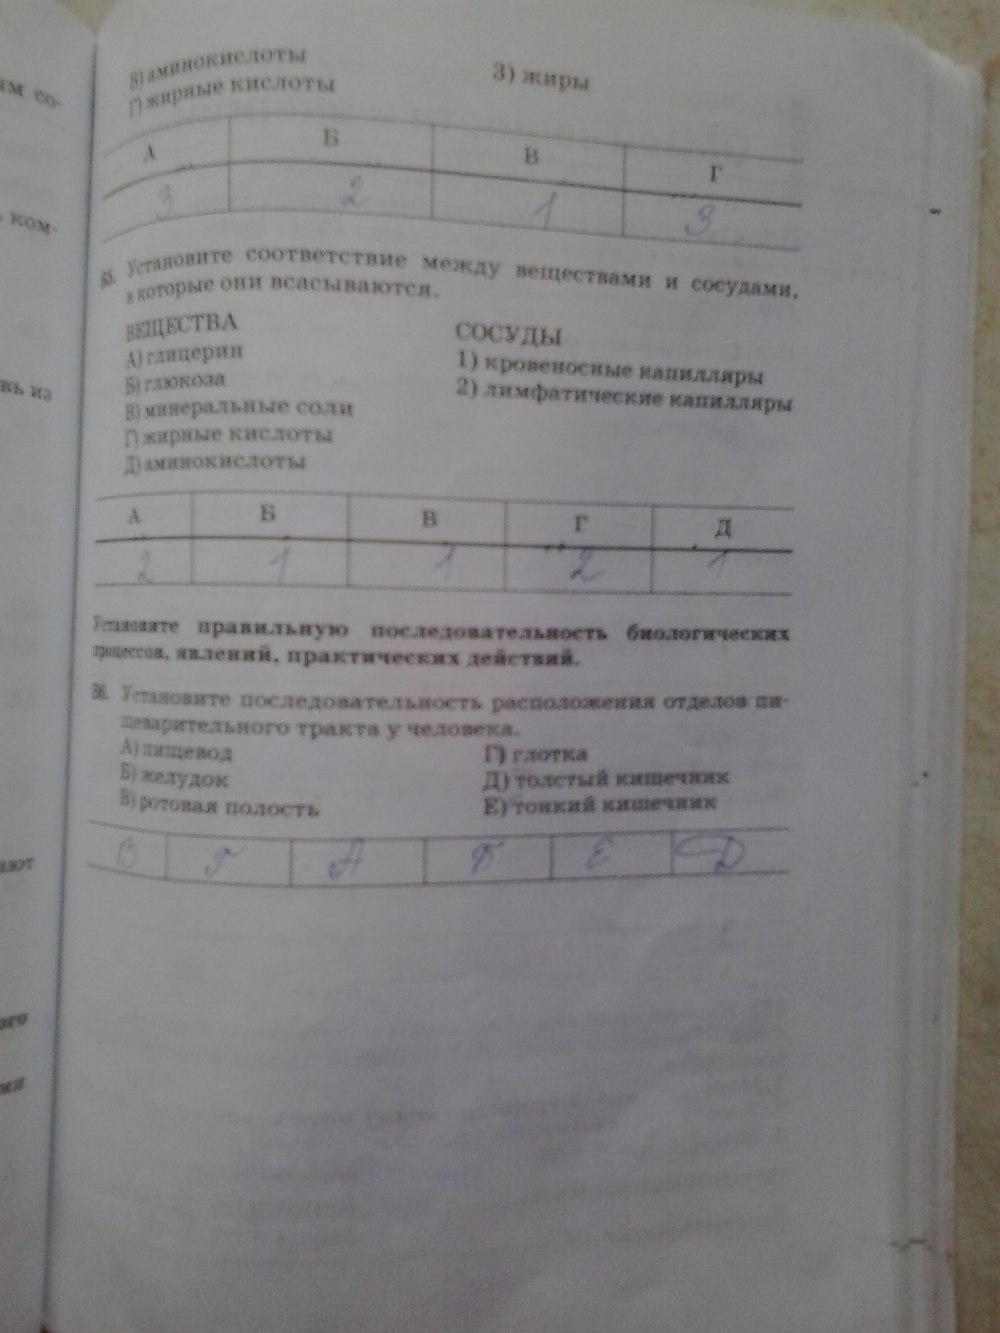 Гдз по биологии 8 класс рабочая сонин агафонова